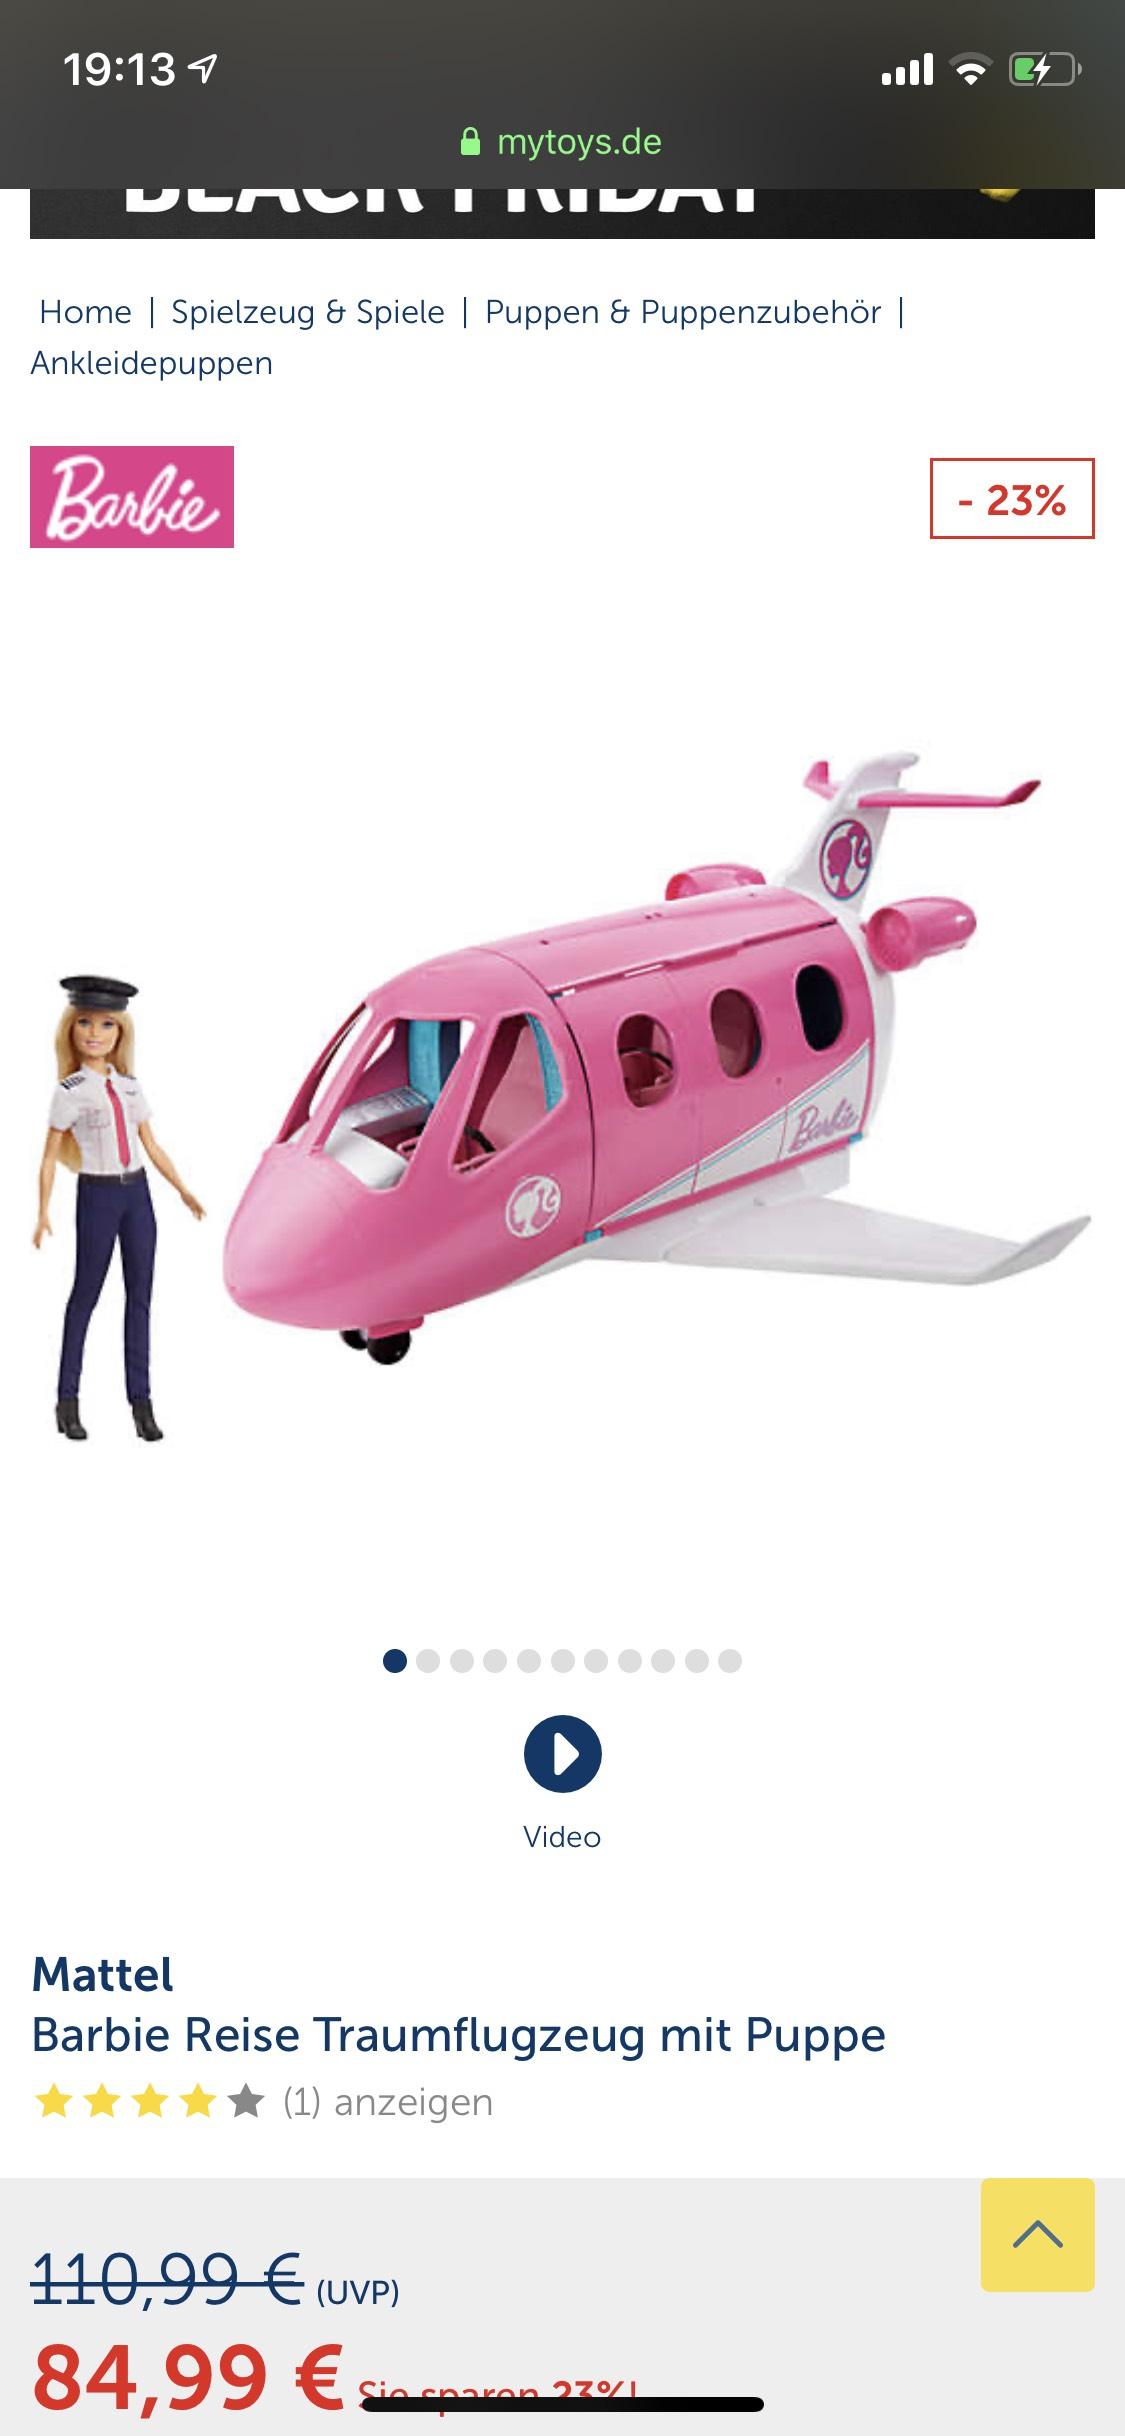 Barbie Reise Traumflugzeug ggf. +2,95€ Versand